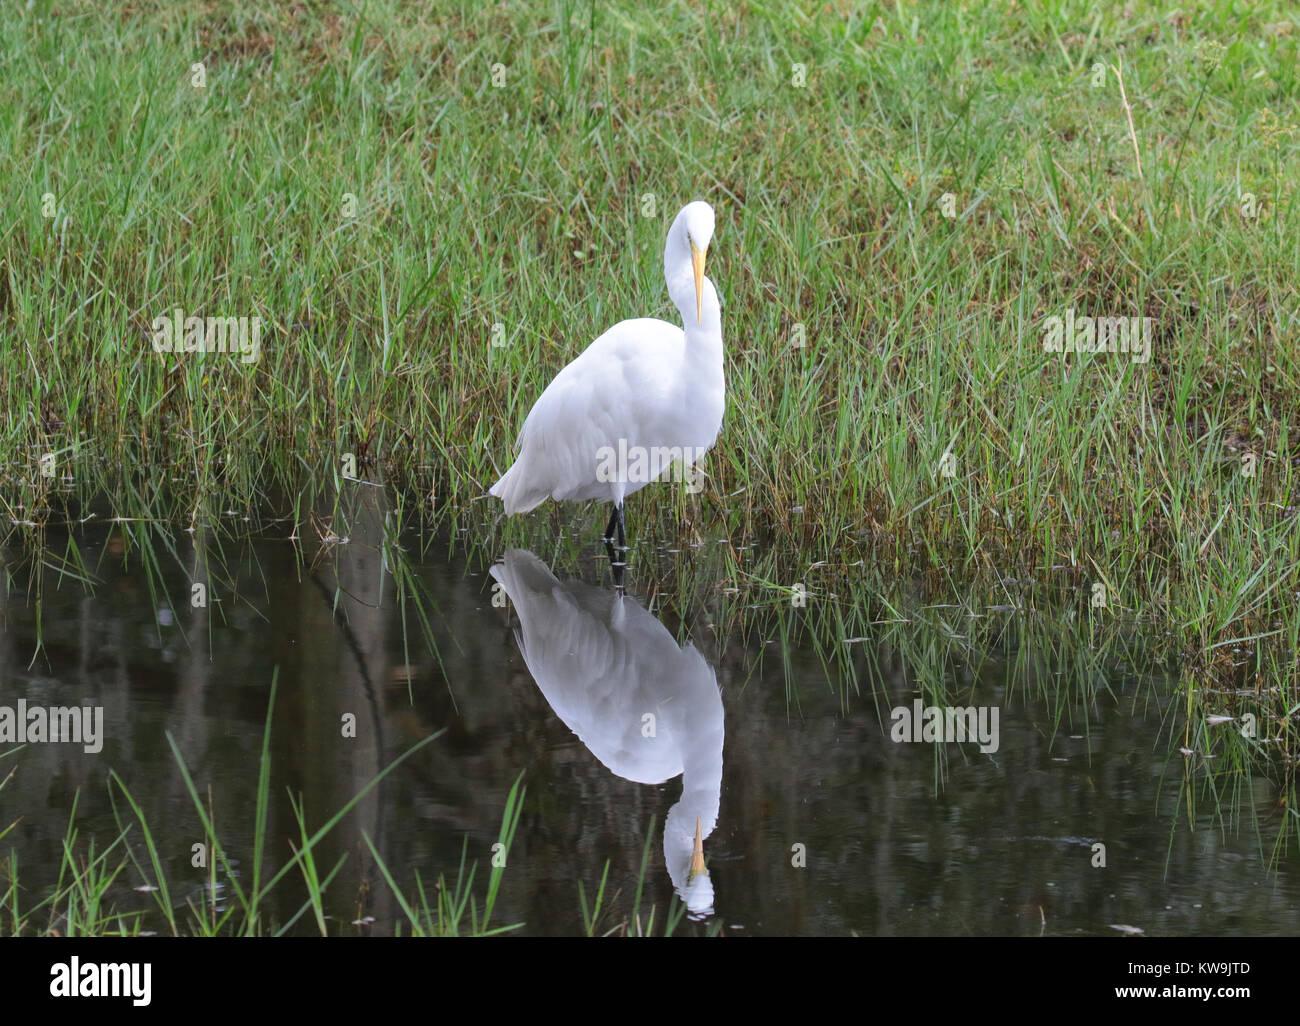 Garzón Blanco con la imagen reflejada en el agua la reflexión Imagen De Stock